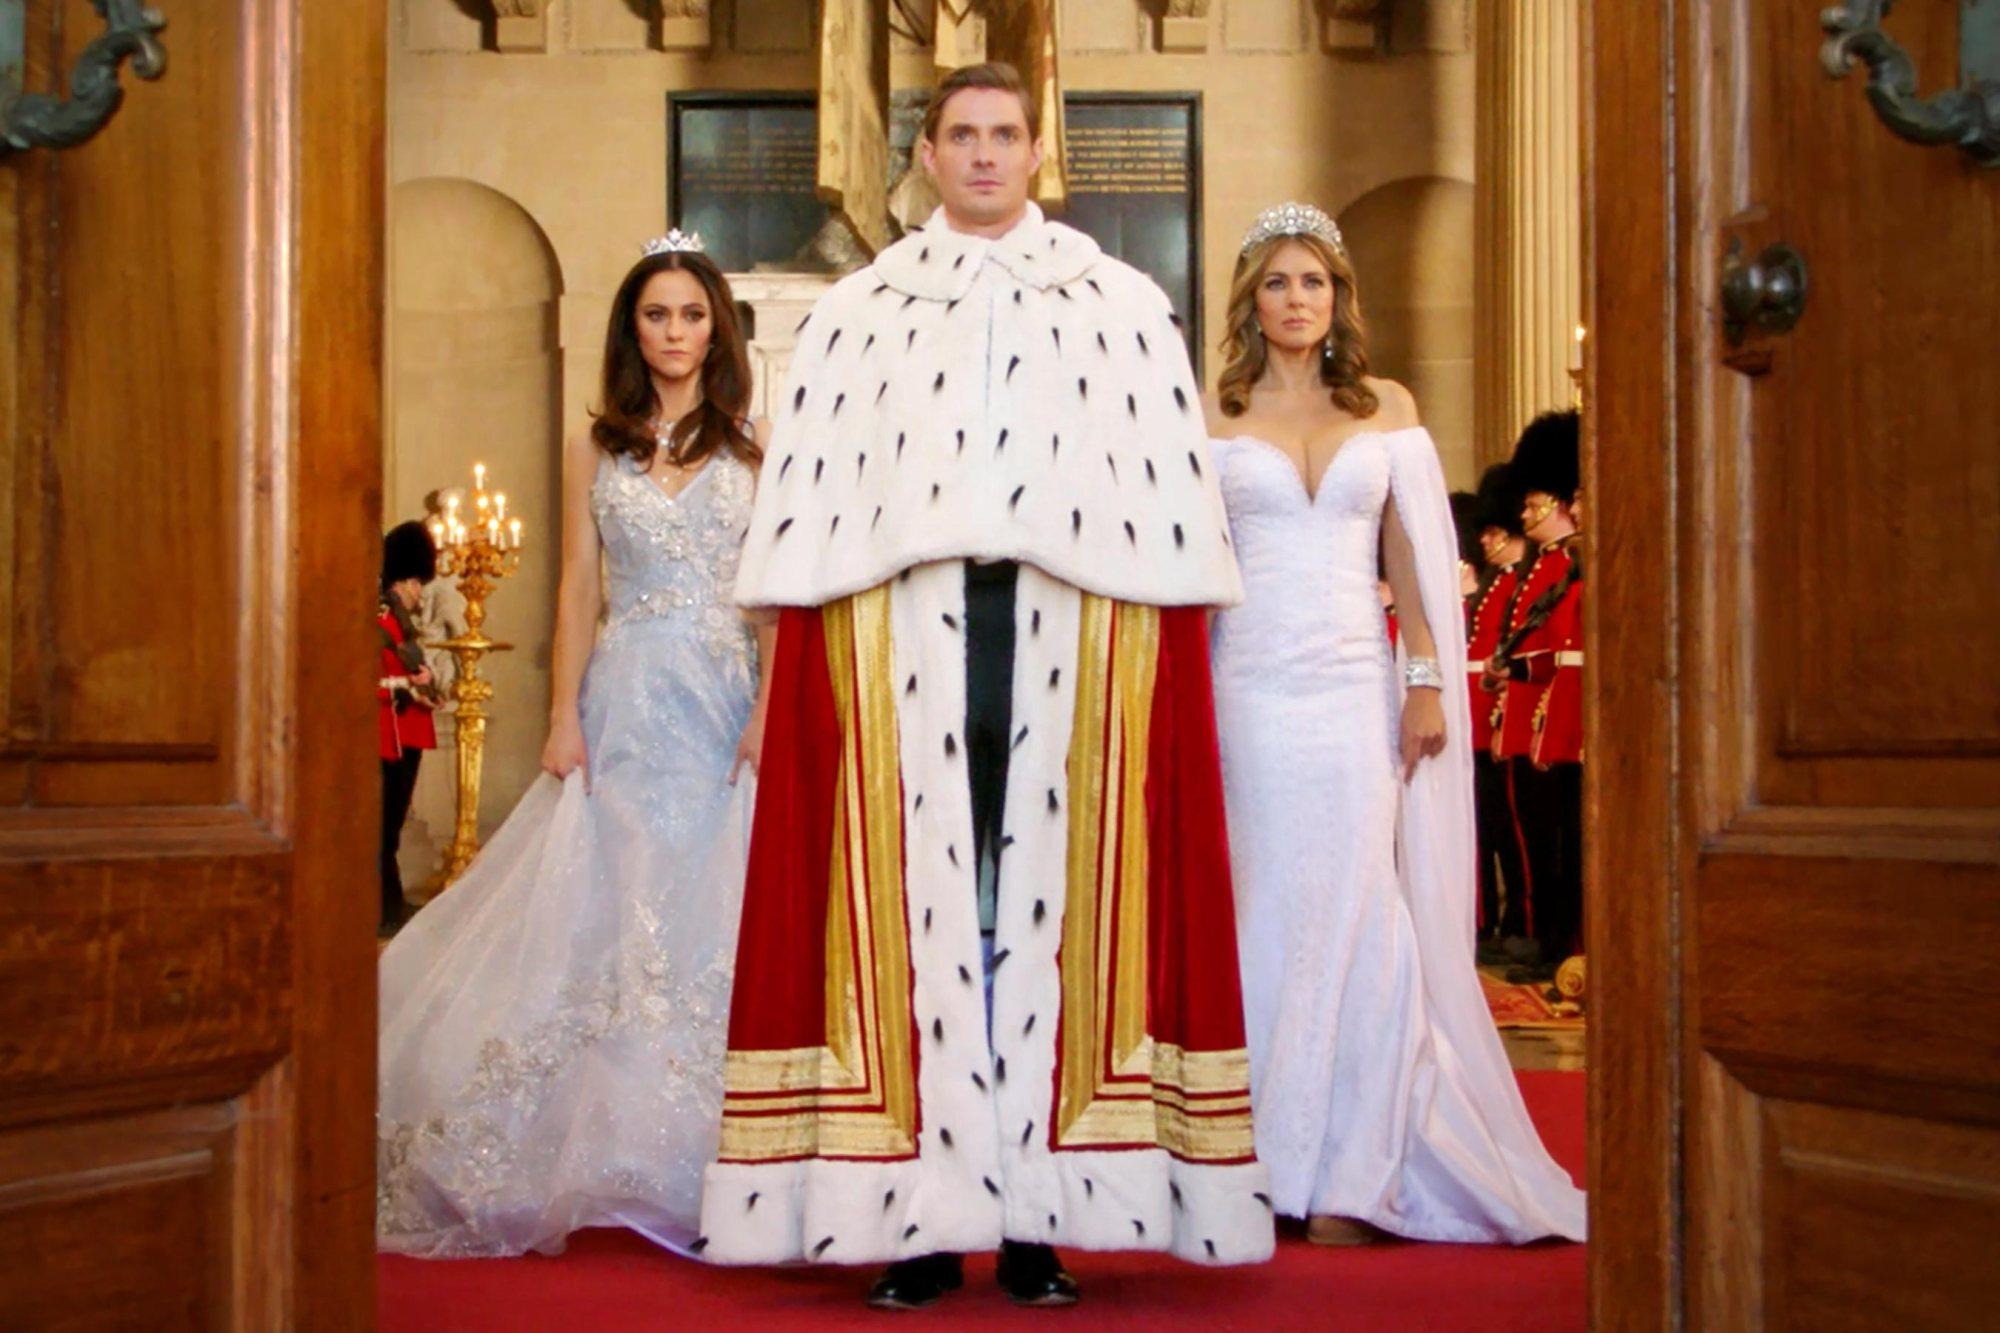 The Royals coronation season 3 finale